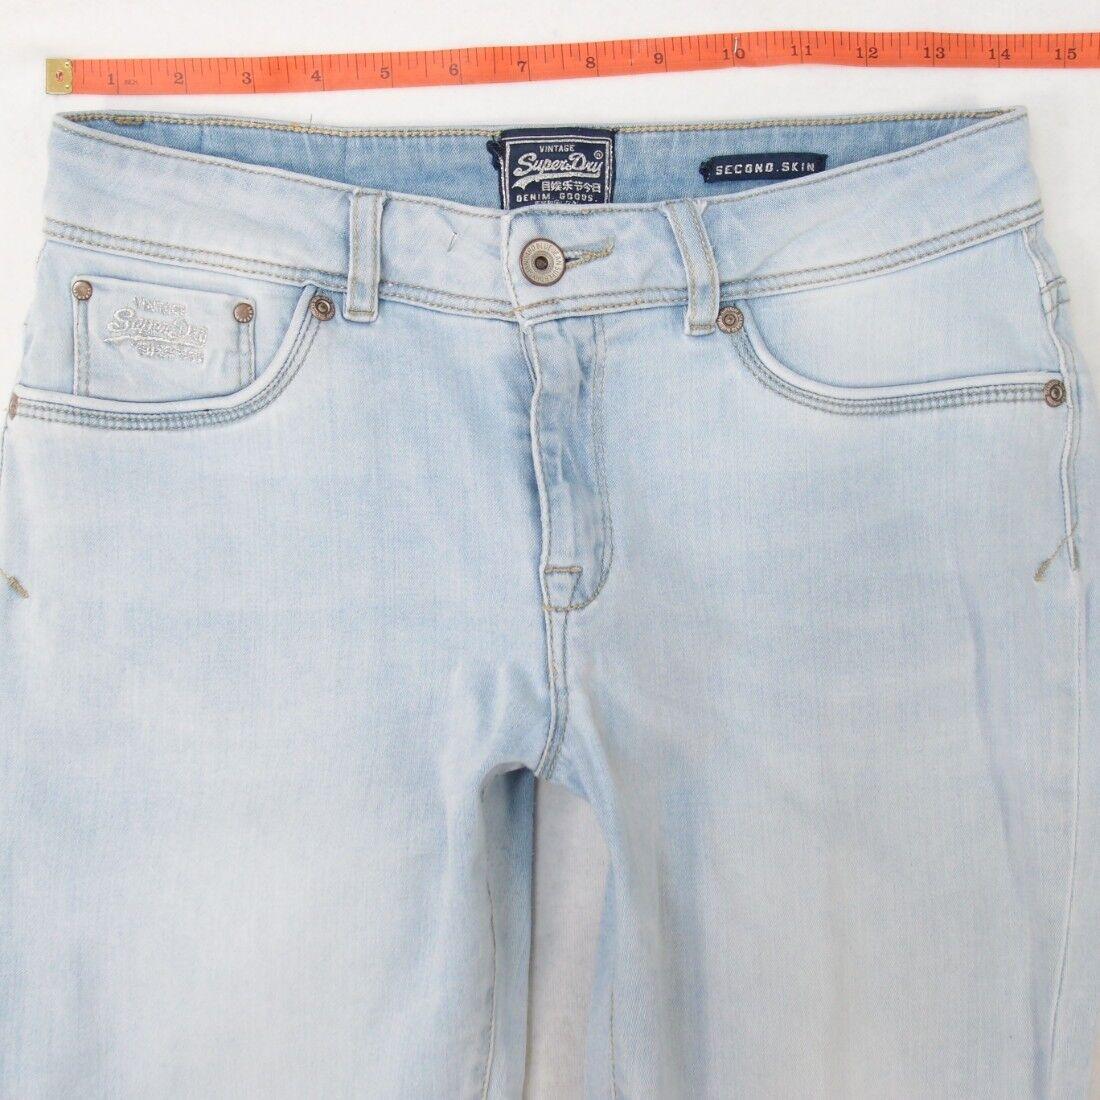 Womens SuperDry Second Skin Stretch Skinny bluee Jeans (W30) W29 L32 UK Size 10